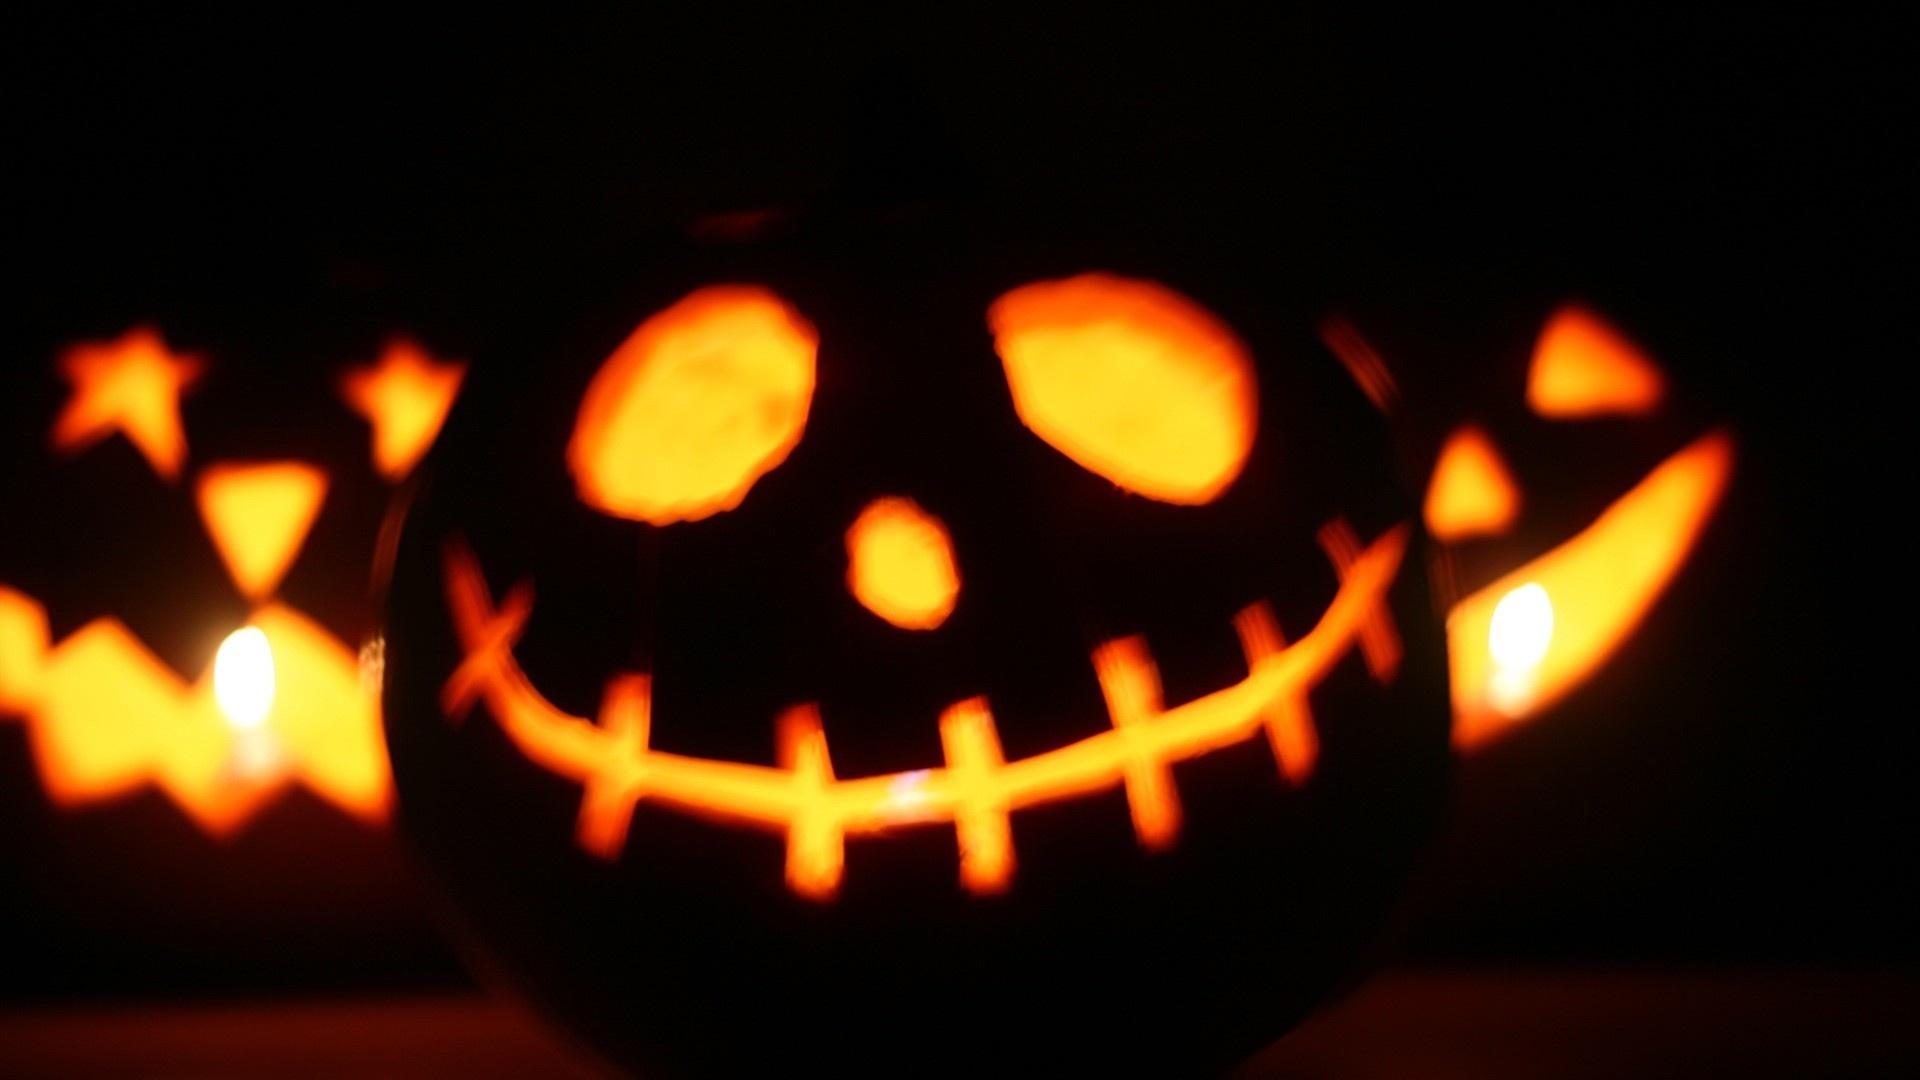 Halloween Pumpkin wallpaper photo hd